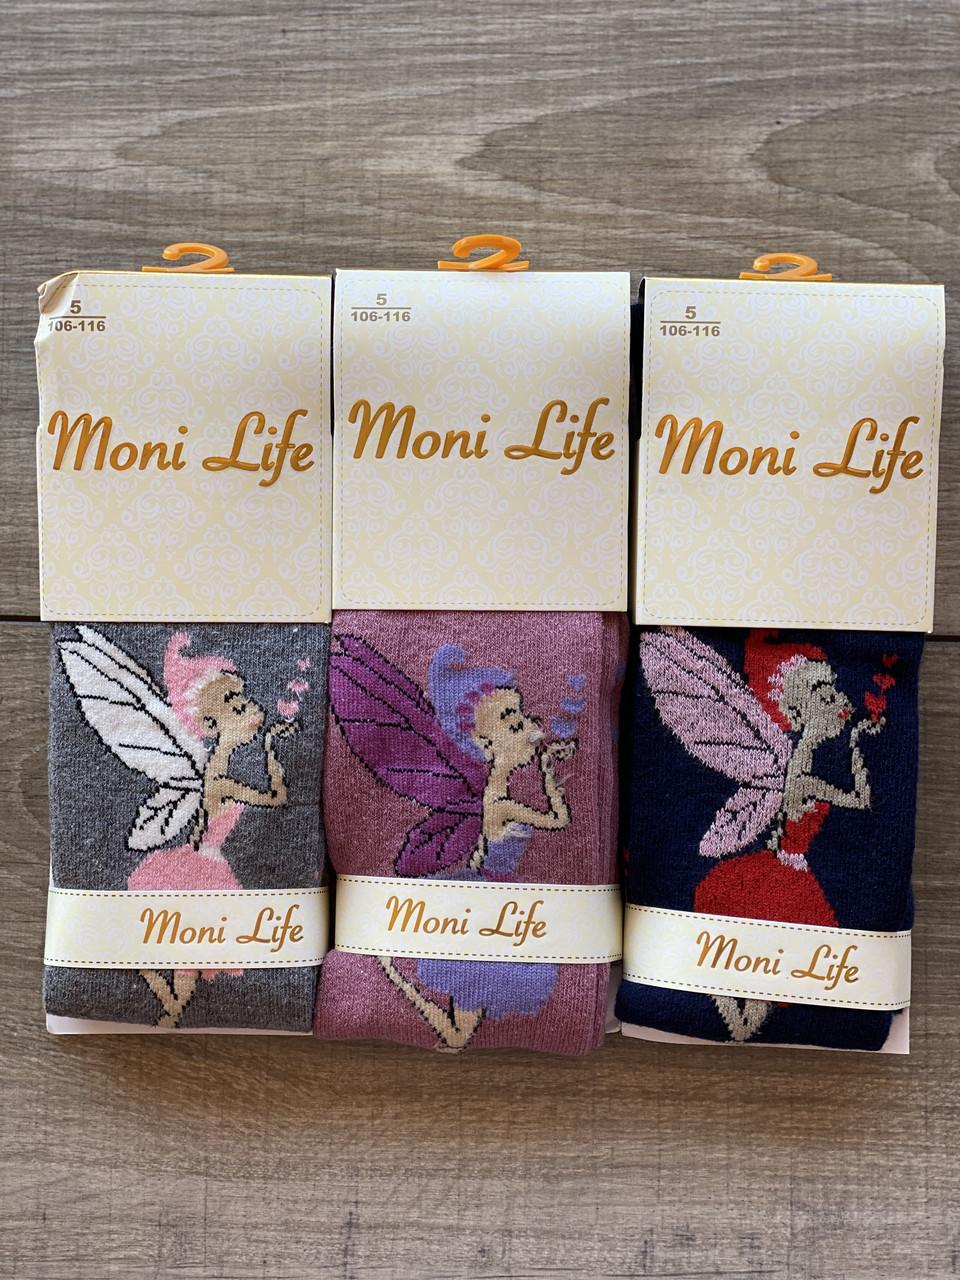 Дитячі колготи Moni Life бавовна з феями для дівчаток 7,9,11 років 6 шт в уп мікс із 3х кольорів